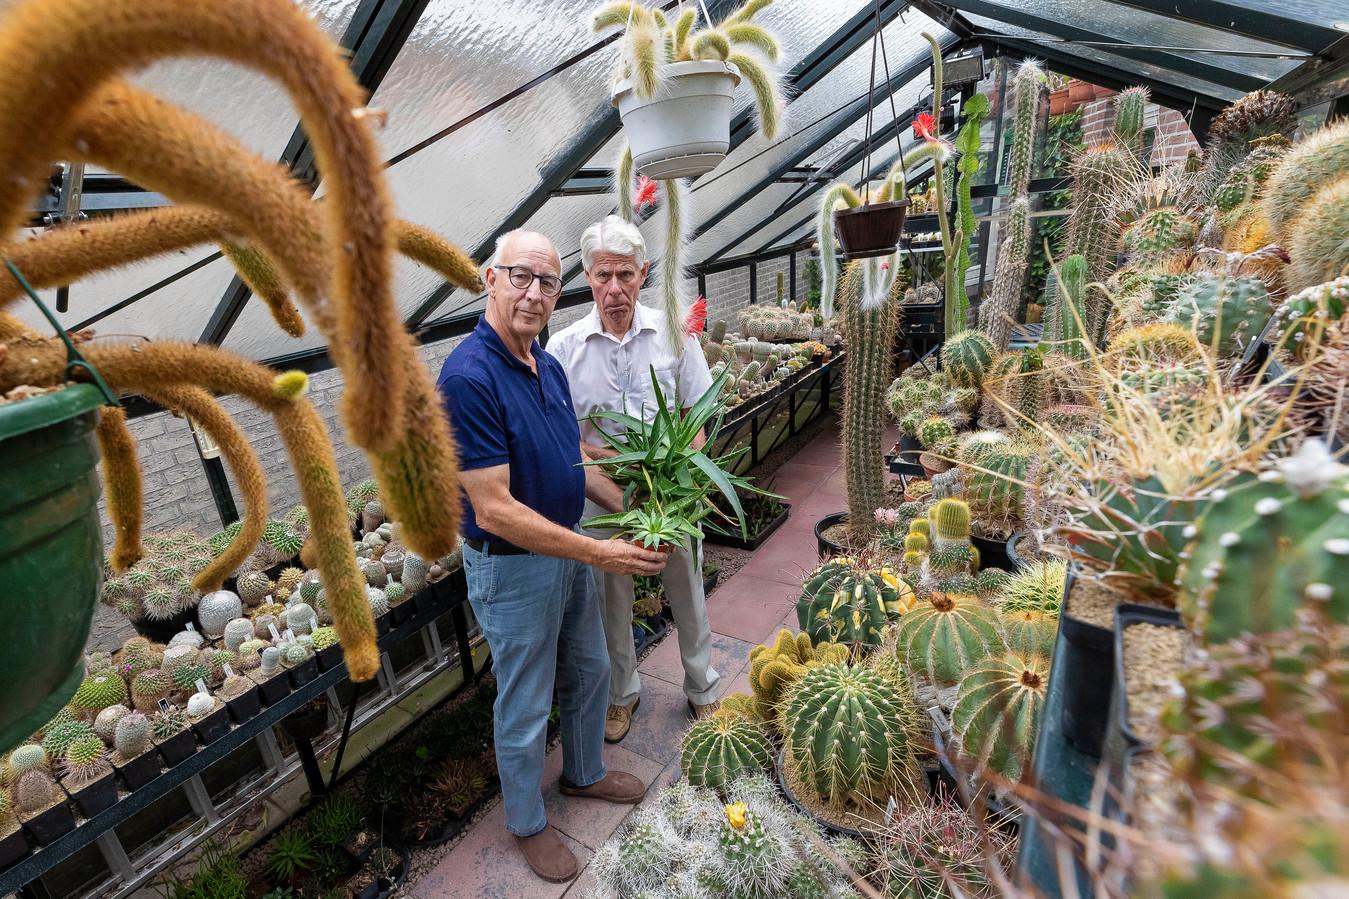 Voorzitter Frans Mommers (links) uit Drunen samen met Ossenaar André van Zuijlen in de kas. Ze zijn bestuurslid bij de honderjarige Nederlands-Belgische Vereniging van Liefhebbers van Cactussen en andere Vetplanten.